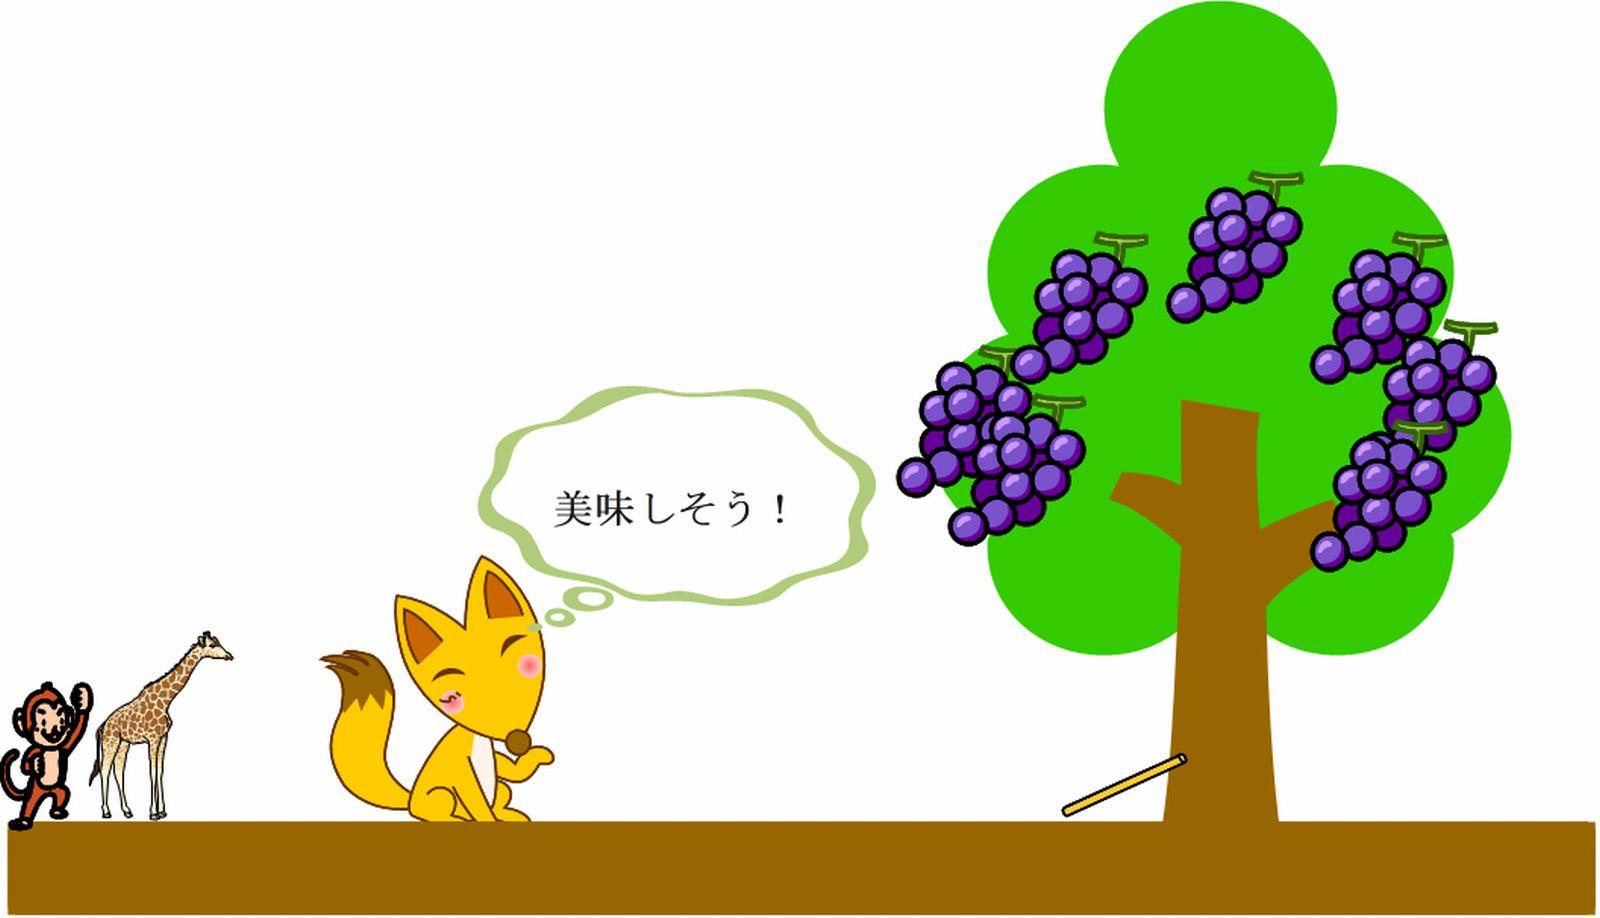 狐と葡萄~言い訳は自己正当化するだけで、何も変わらない~